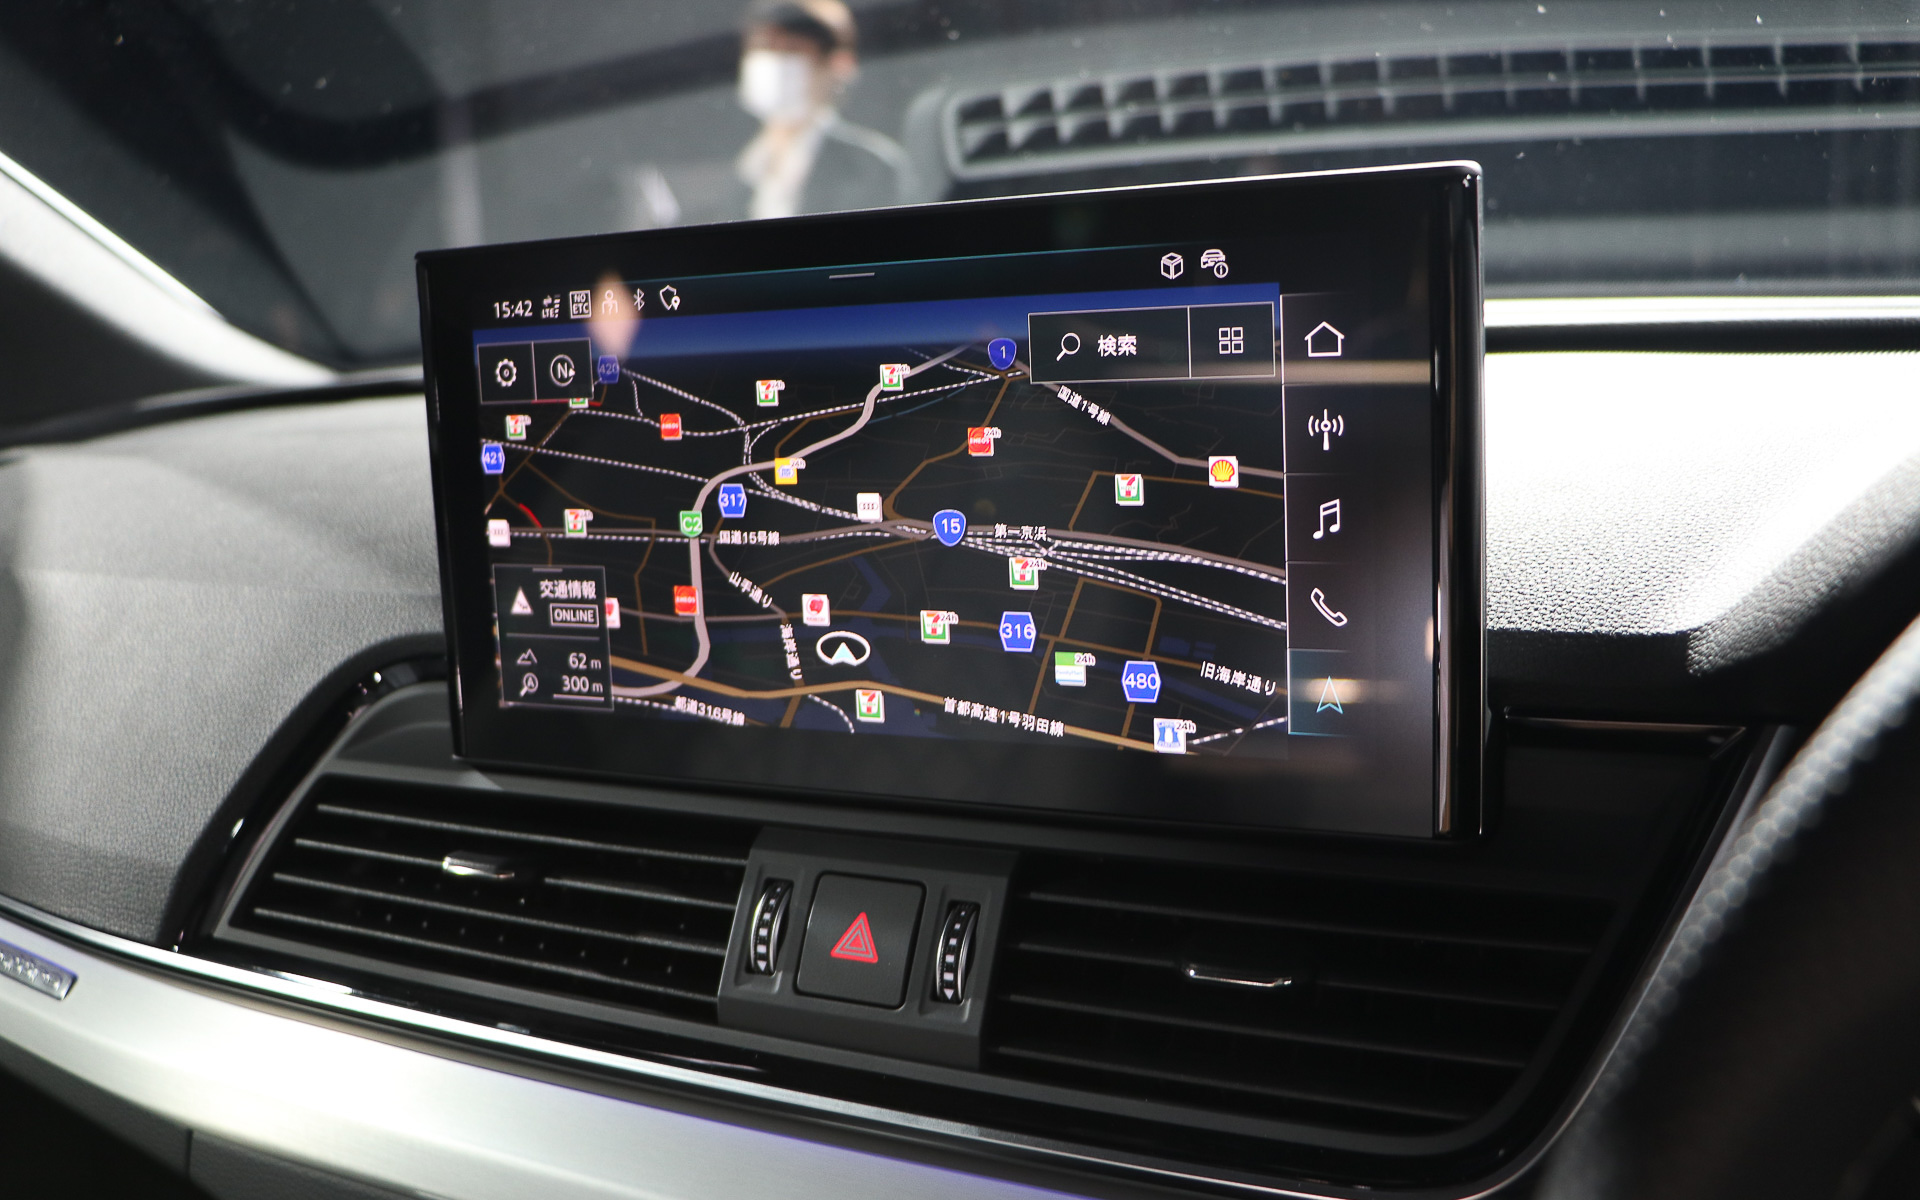 室内はQ5と同様で最新のインフォテインメントシステム「MIB3」や10.1インチのタッチパネル式センタースクリーンを完備